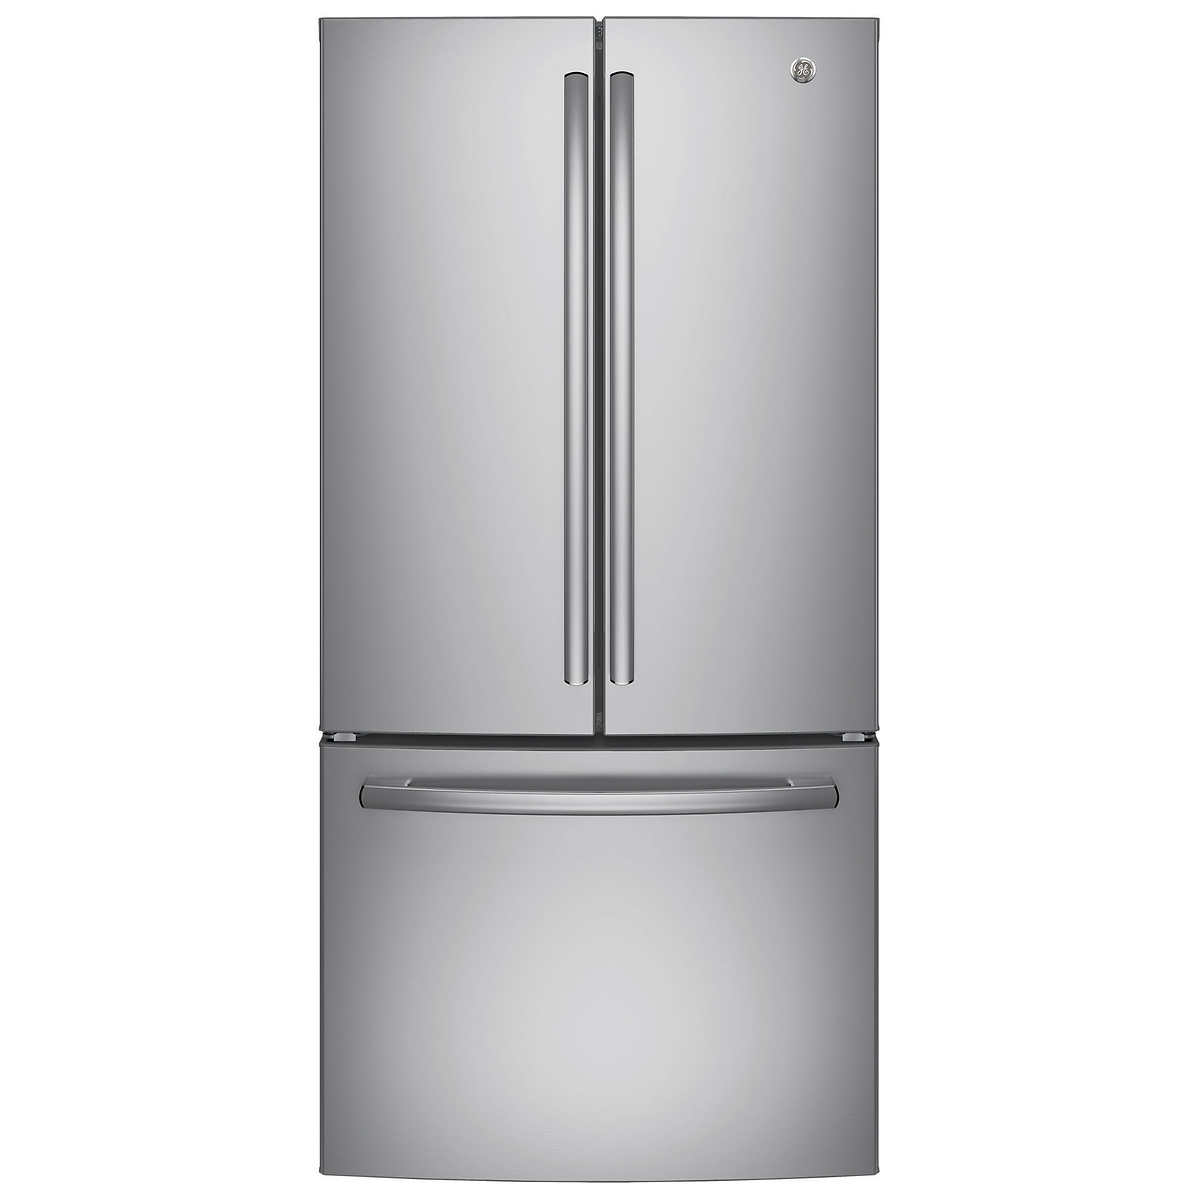 Ge 248cuft 33 inch wide 3 door french door refrigerator 33 inch wide 3 door french door refrigerator stainlesssteel 1 stainlesssteel 1 rubansaba